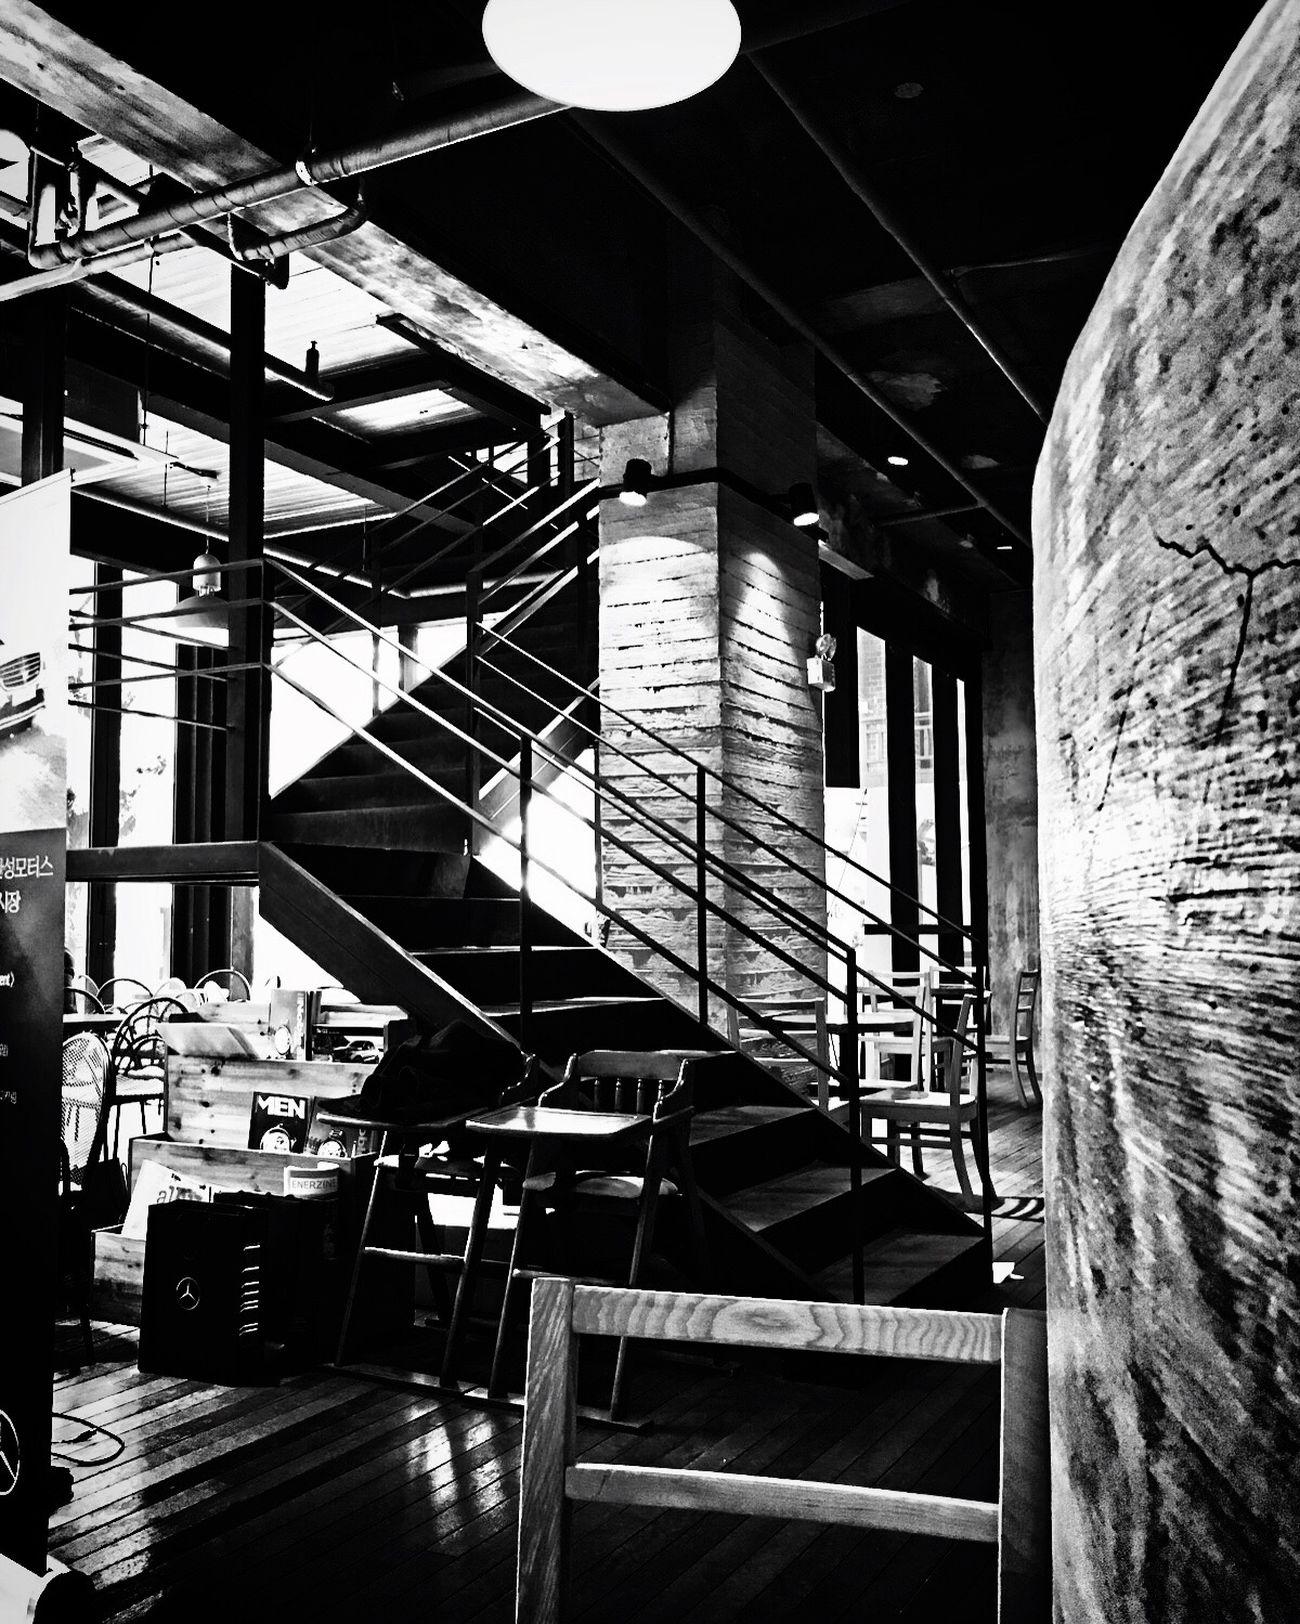 커피영감!!! Architecture 부산 Day Coffee Inspirations 여행 휴식